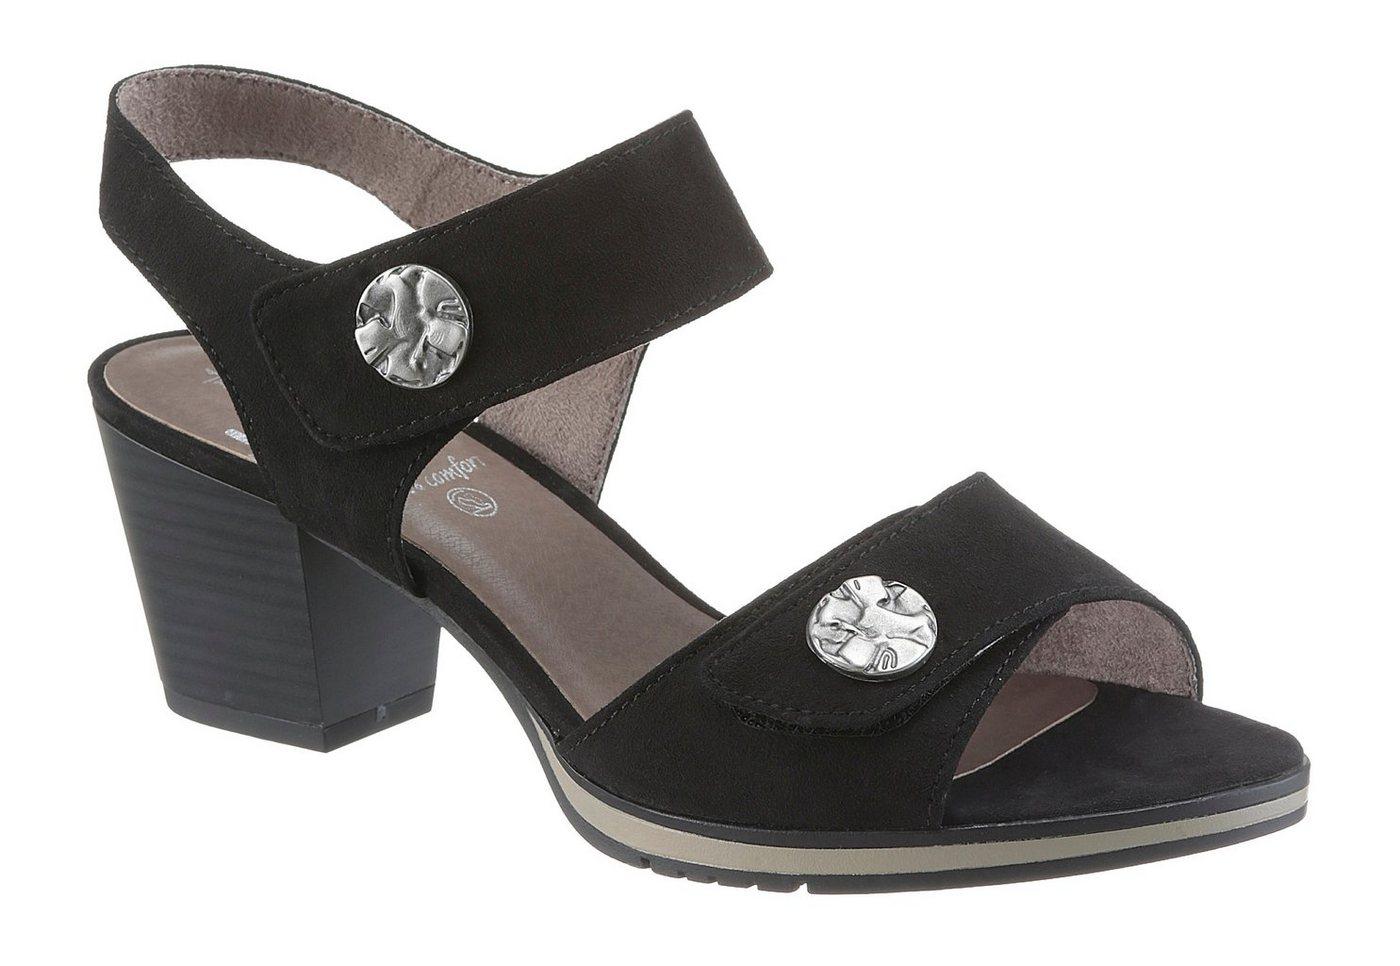 Damen Jana Sandalette in bequemer Schuhweite H (sehr weit) schwarz  Damen Sandalen/Sandaletten